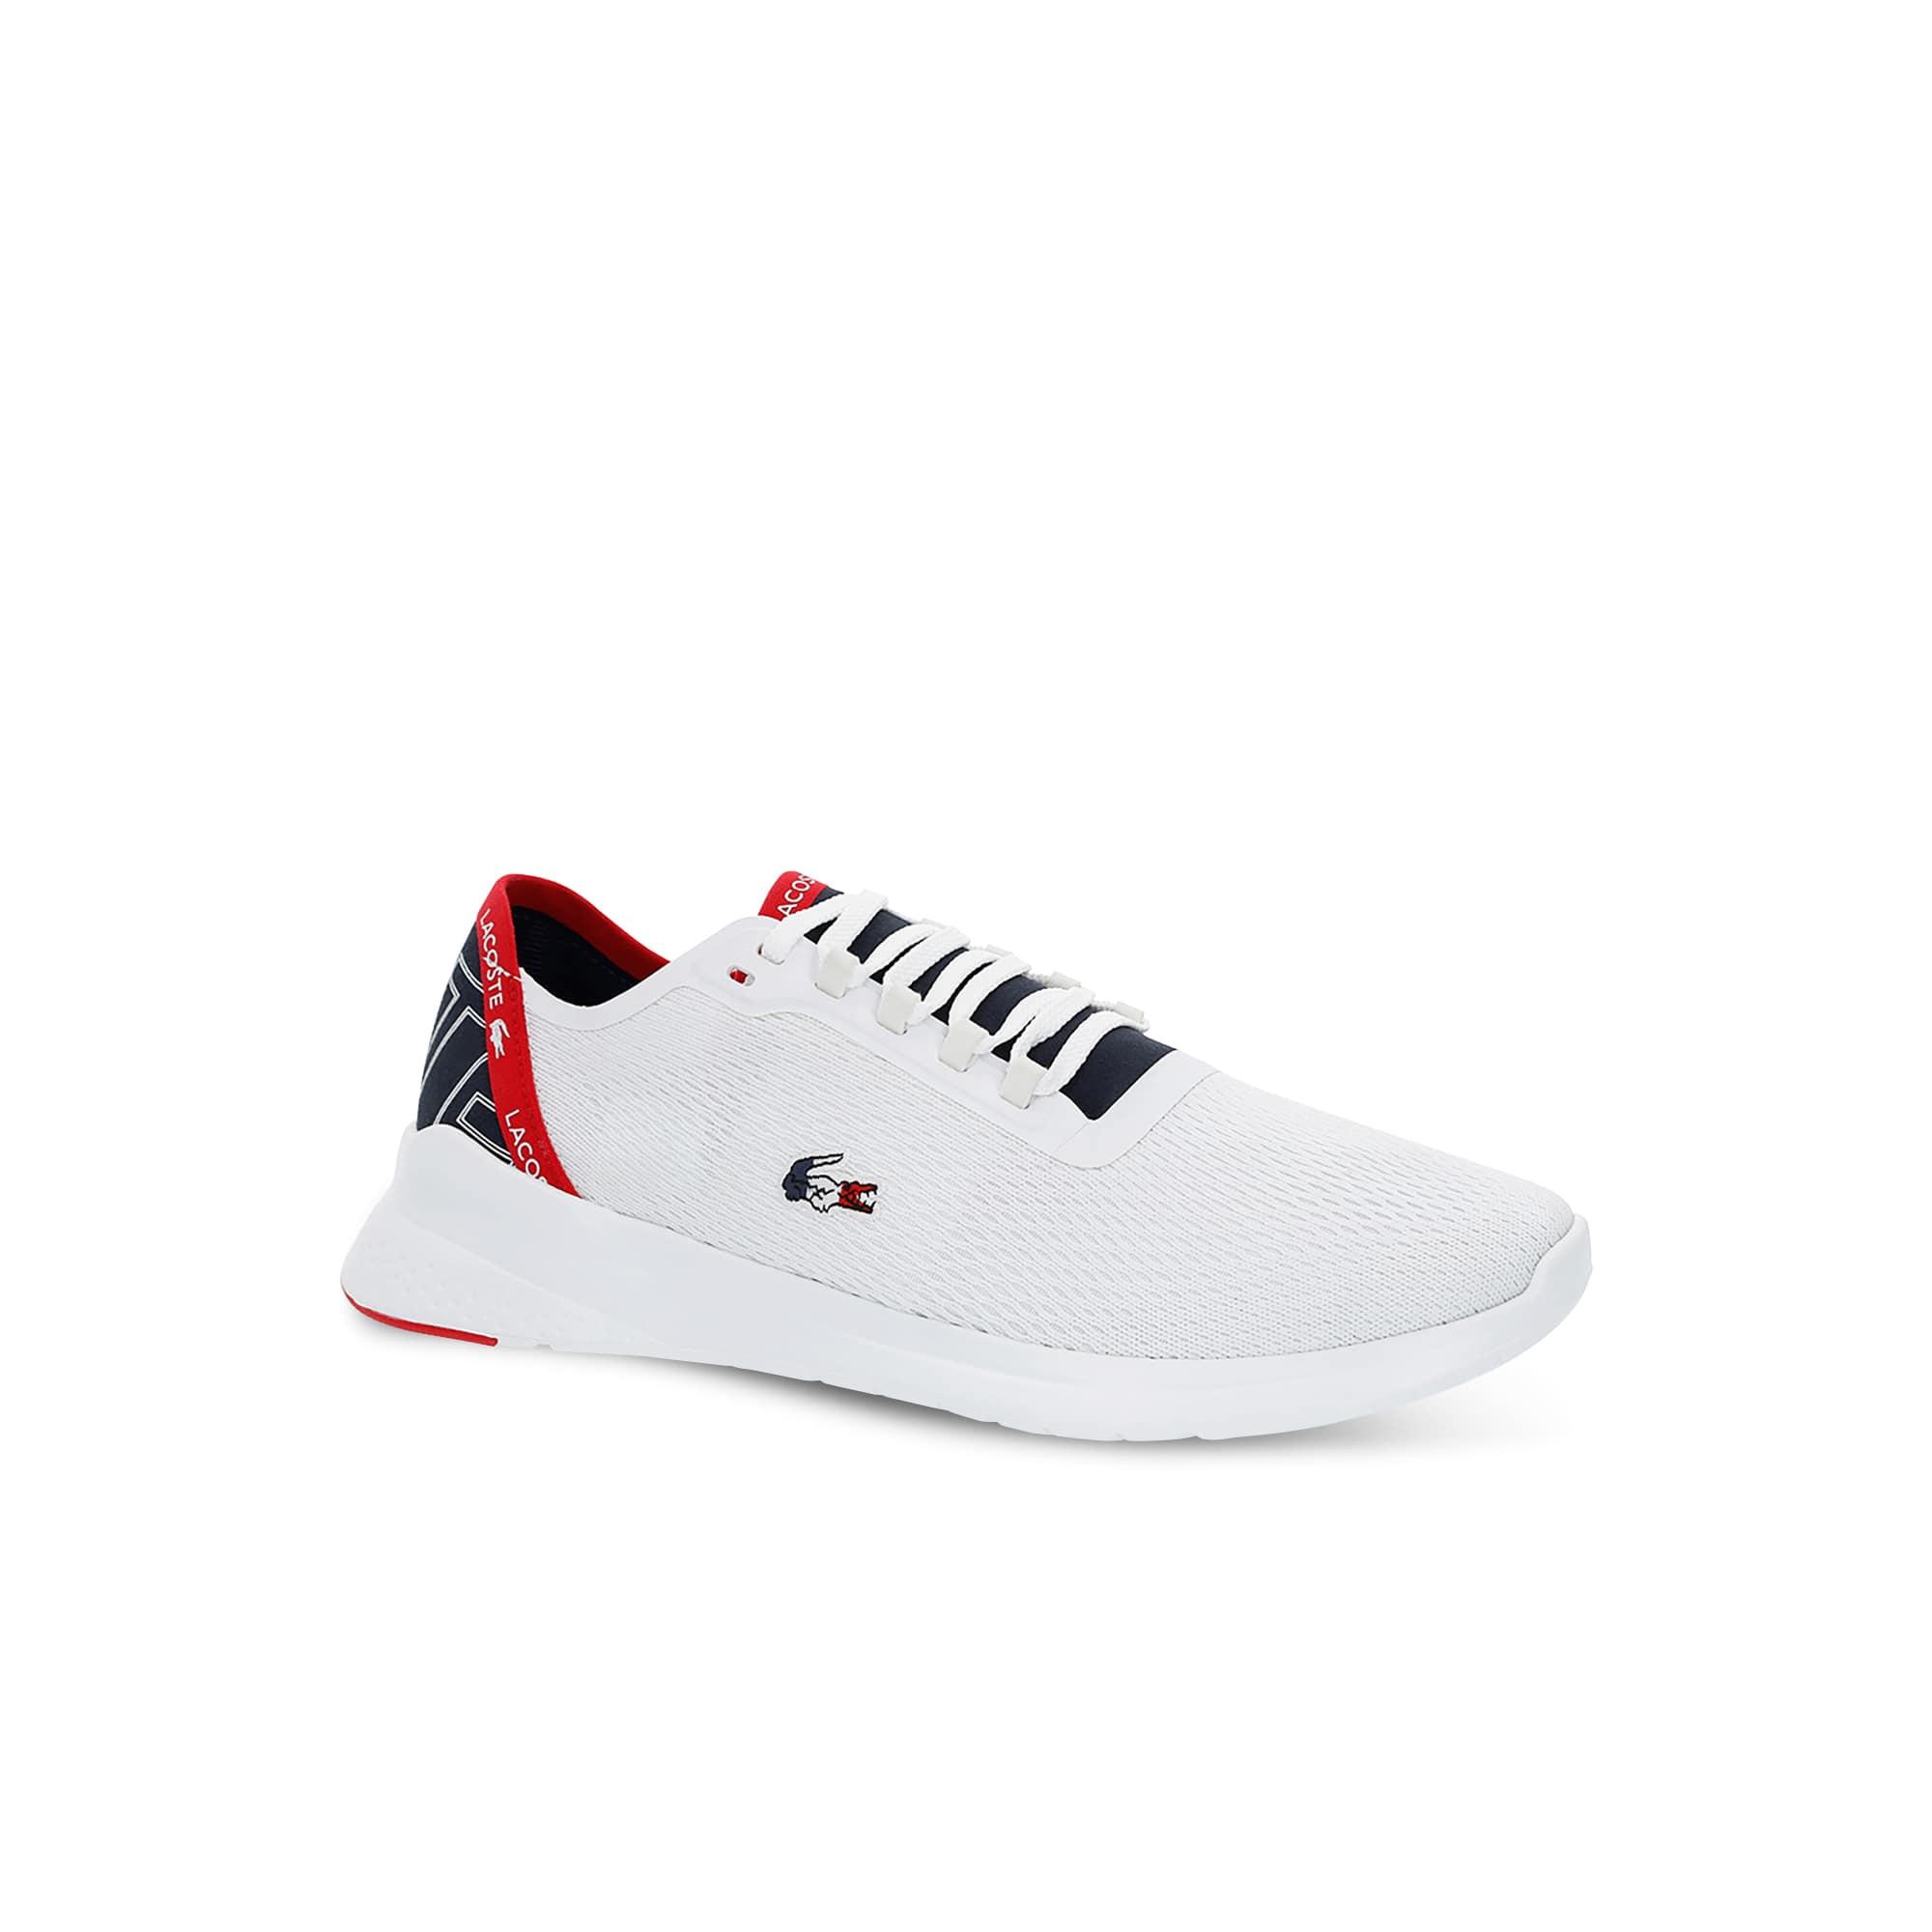 245bae74552 Sneakers LT Fit homme en textile avec crocodile tricolore